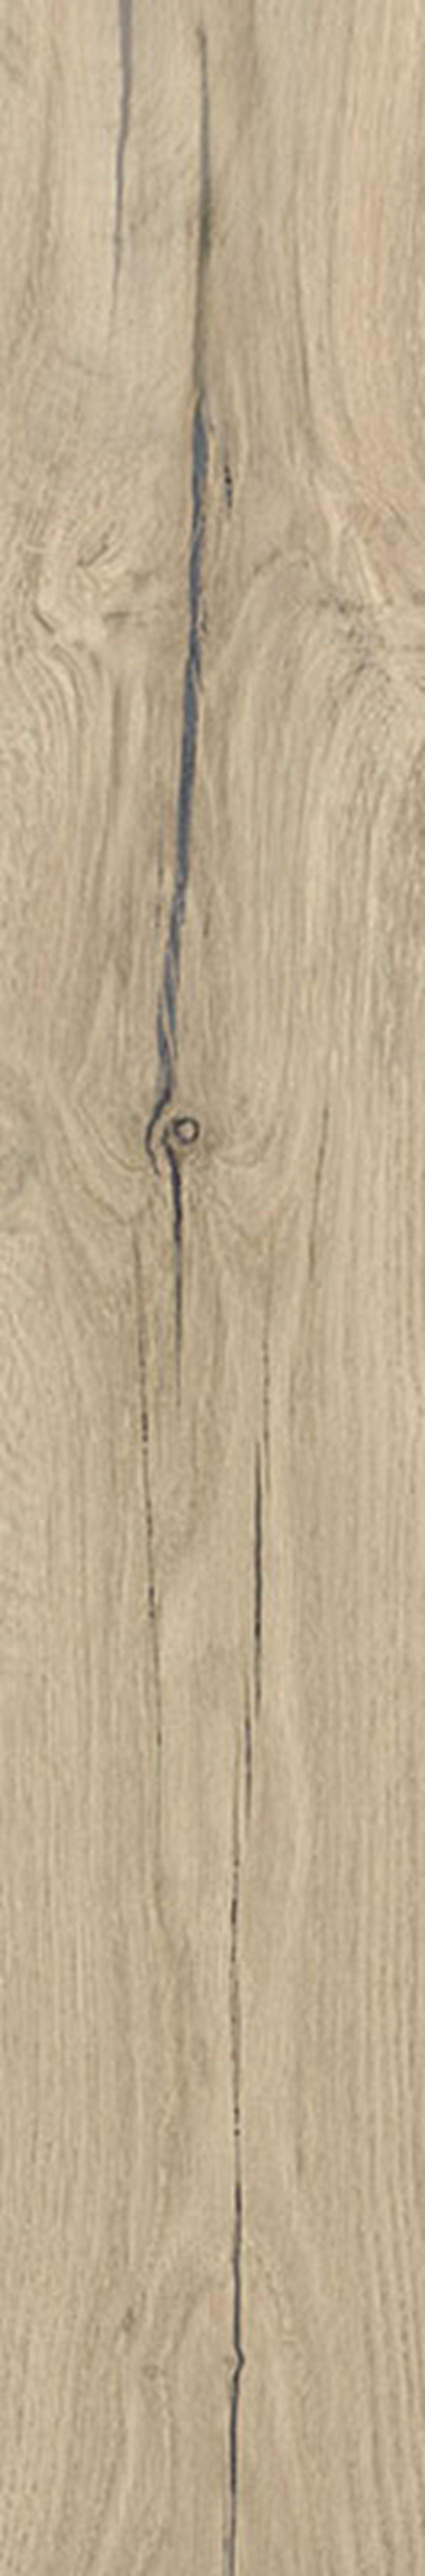 Płytka ścienno-podłogowa 14,8x89,8 cm Paradyż Craftland Naturale Gres Szkl. Rekt.